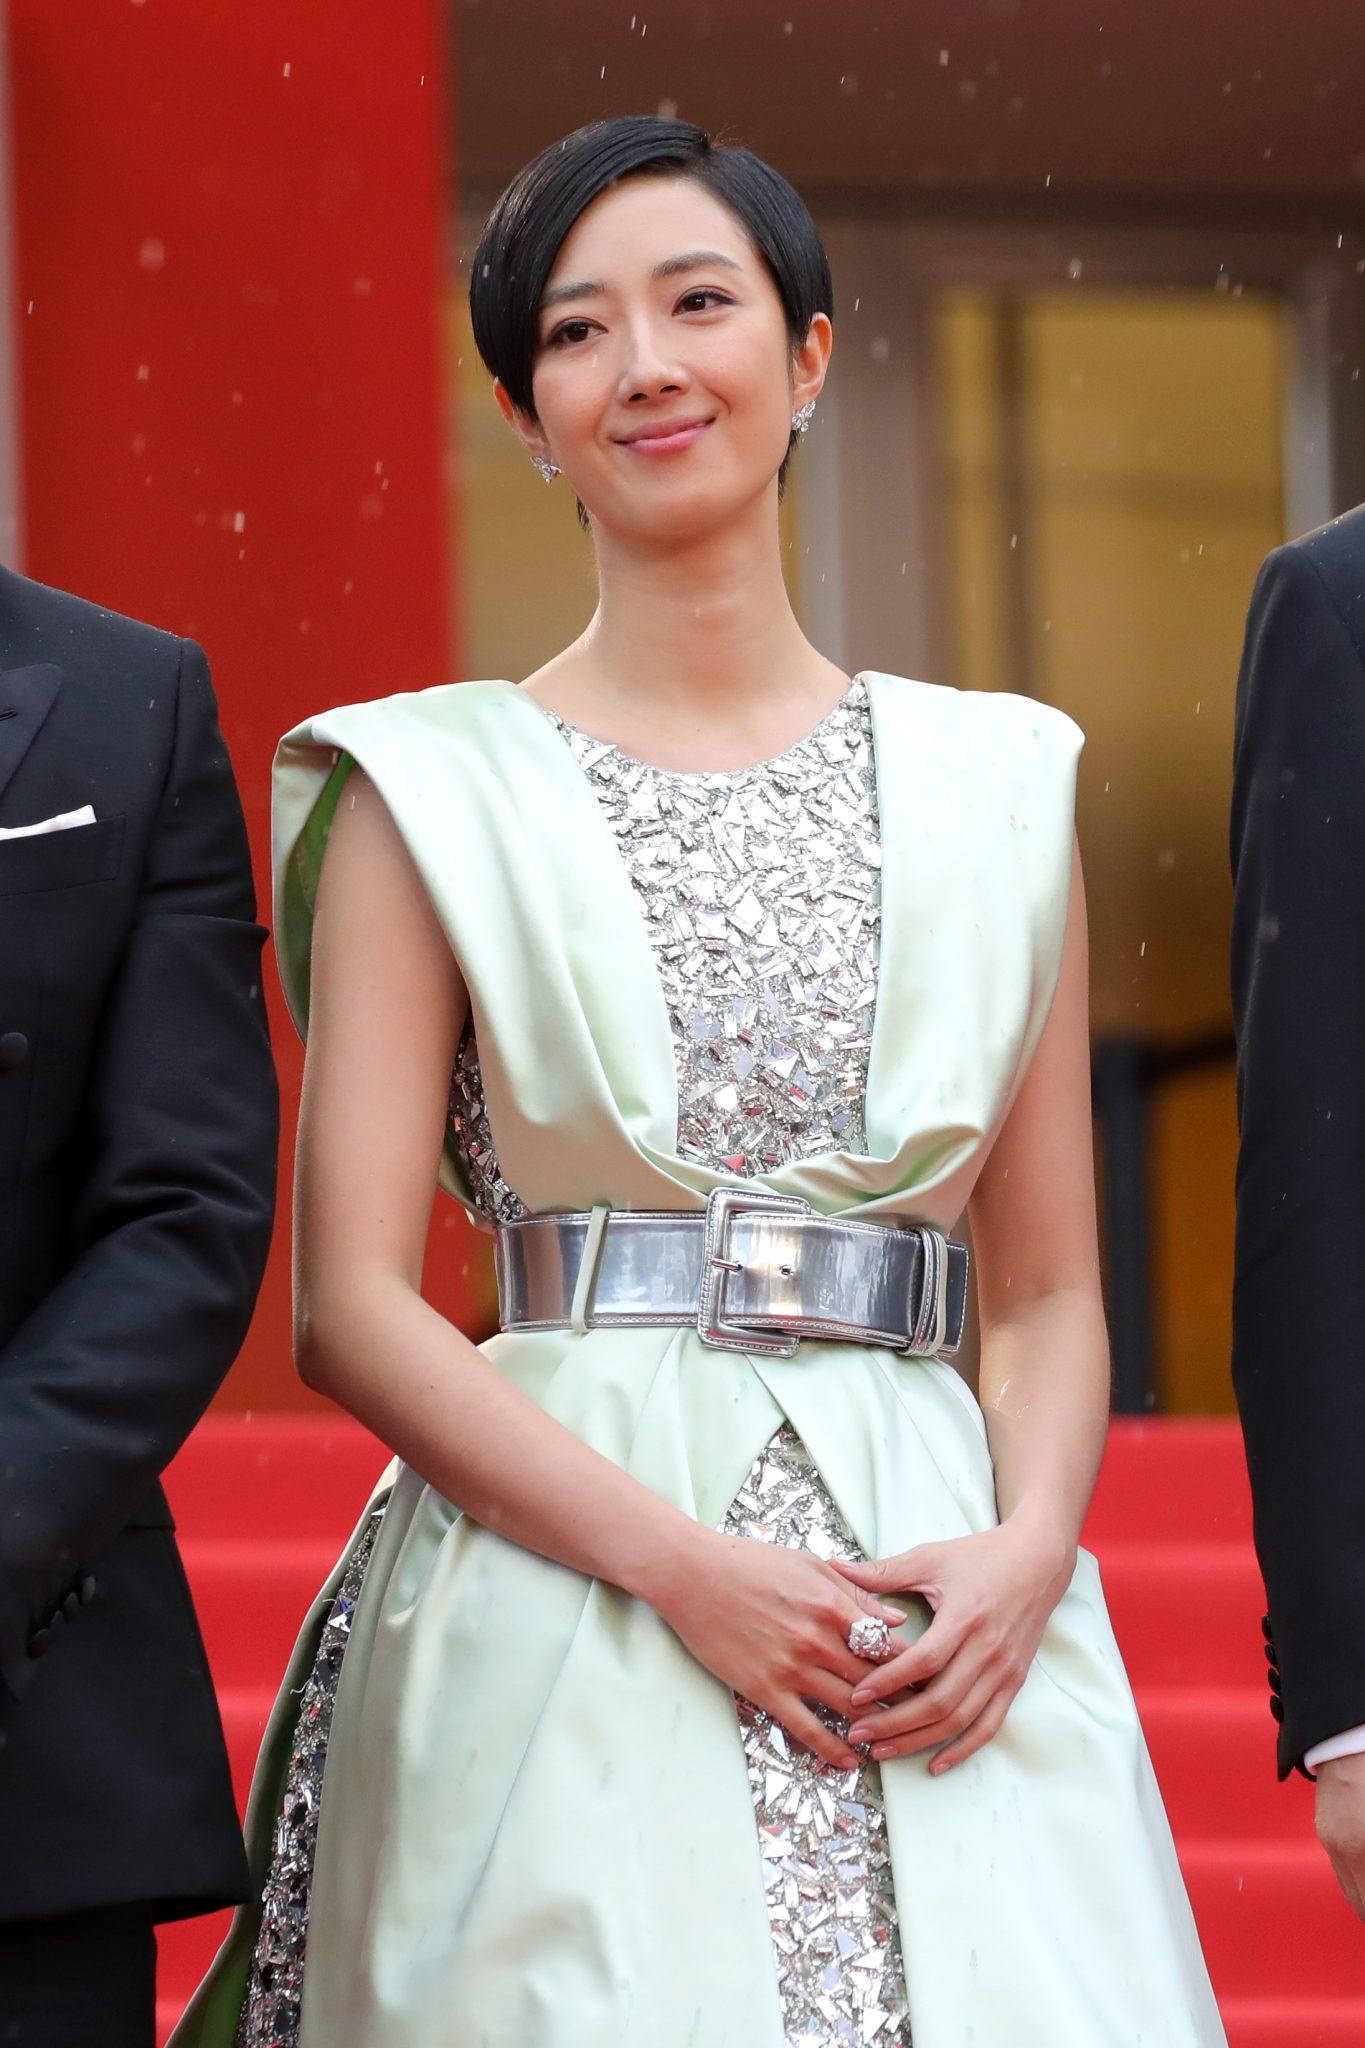 CHANEL Cannes 2019 Gwei Lun Mei Esprit de Gabrielle espritdegabrielle.com